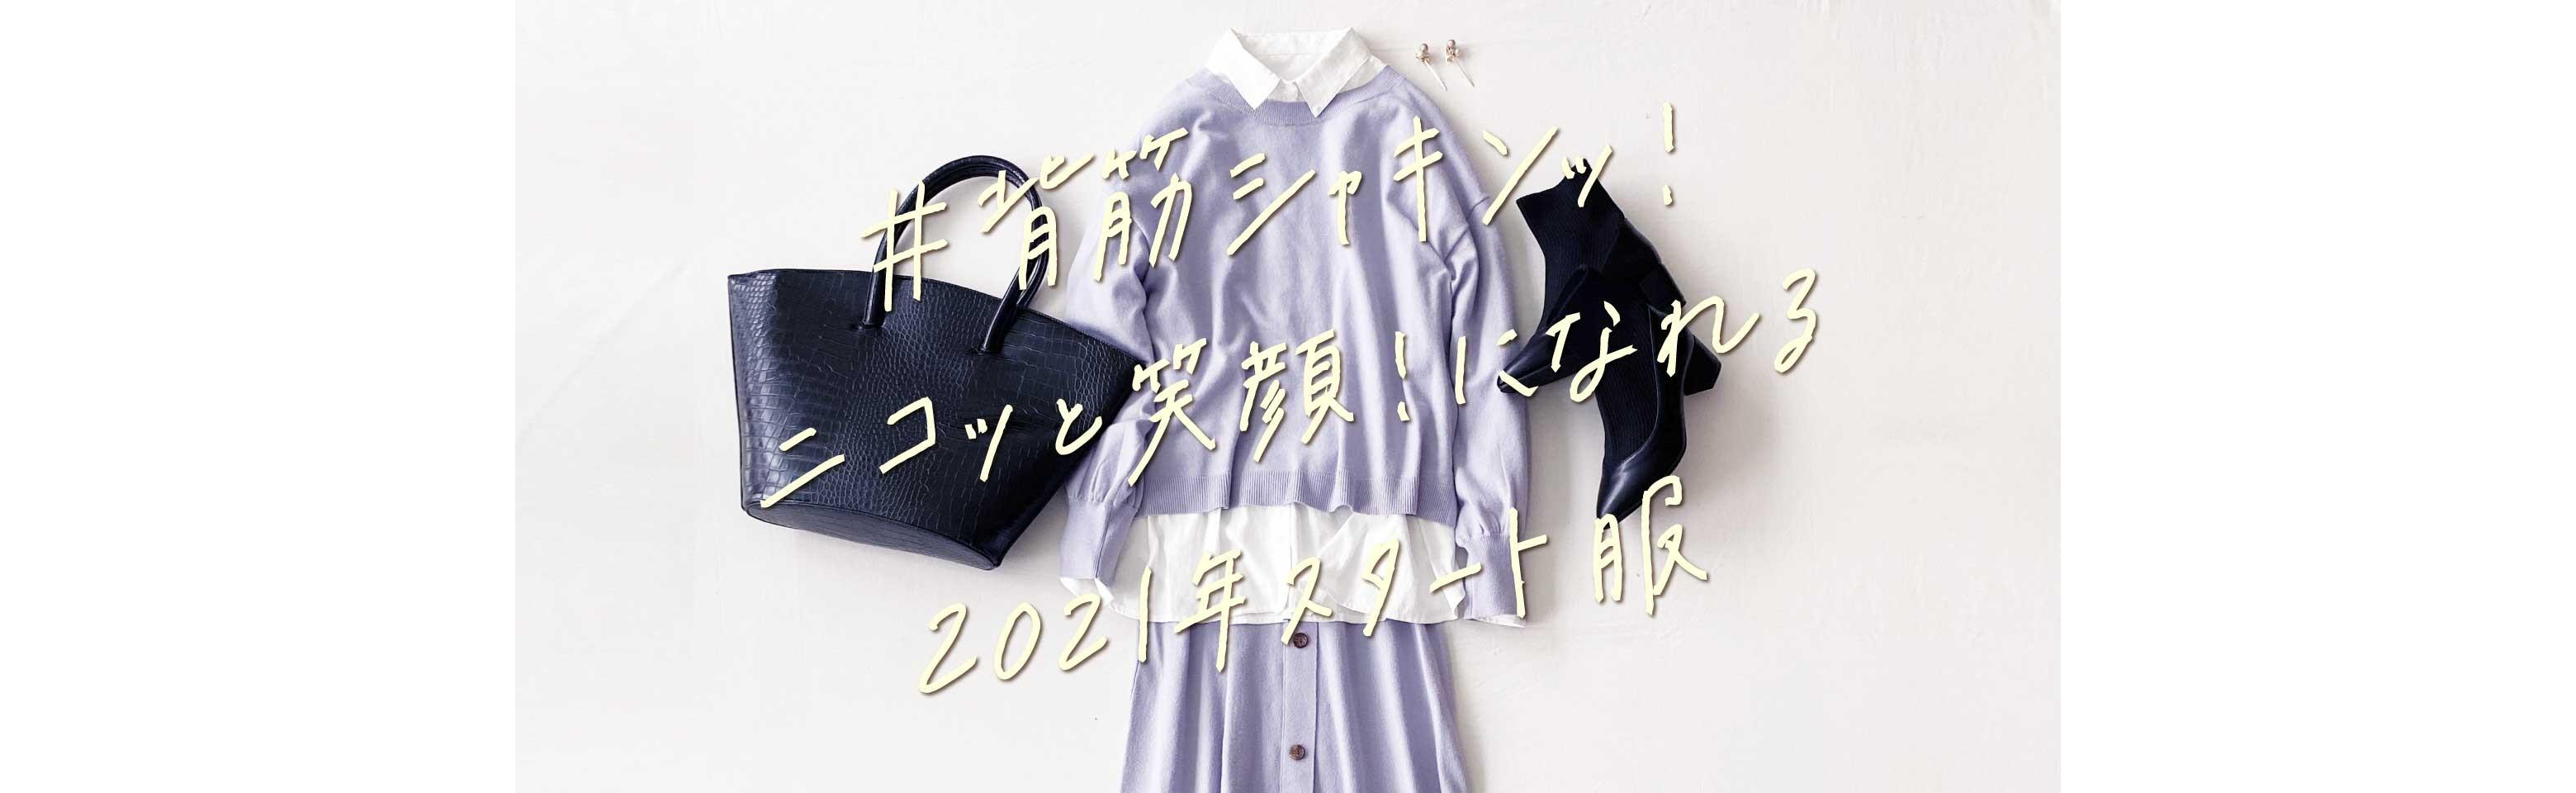 #背筋シャキンッ!ニコッと笑顔!になれる2021年スタート服